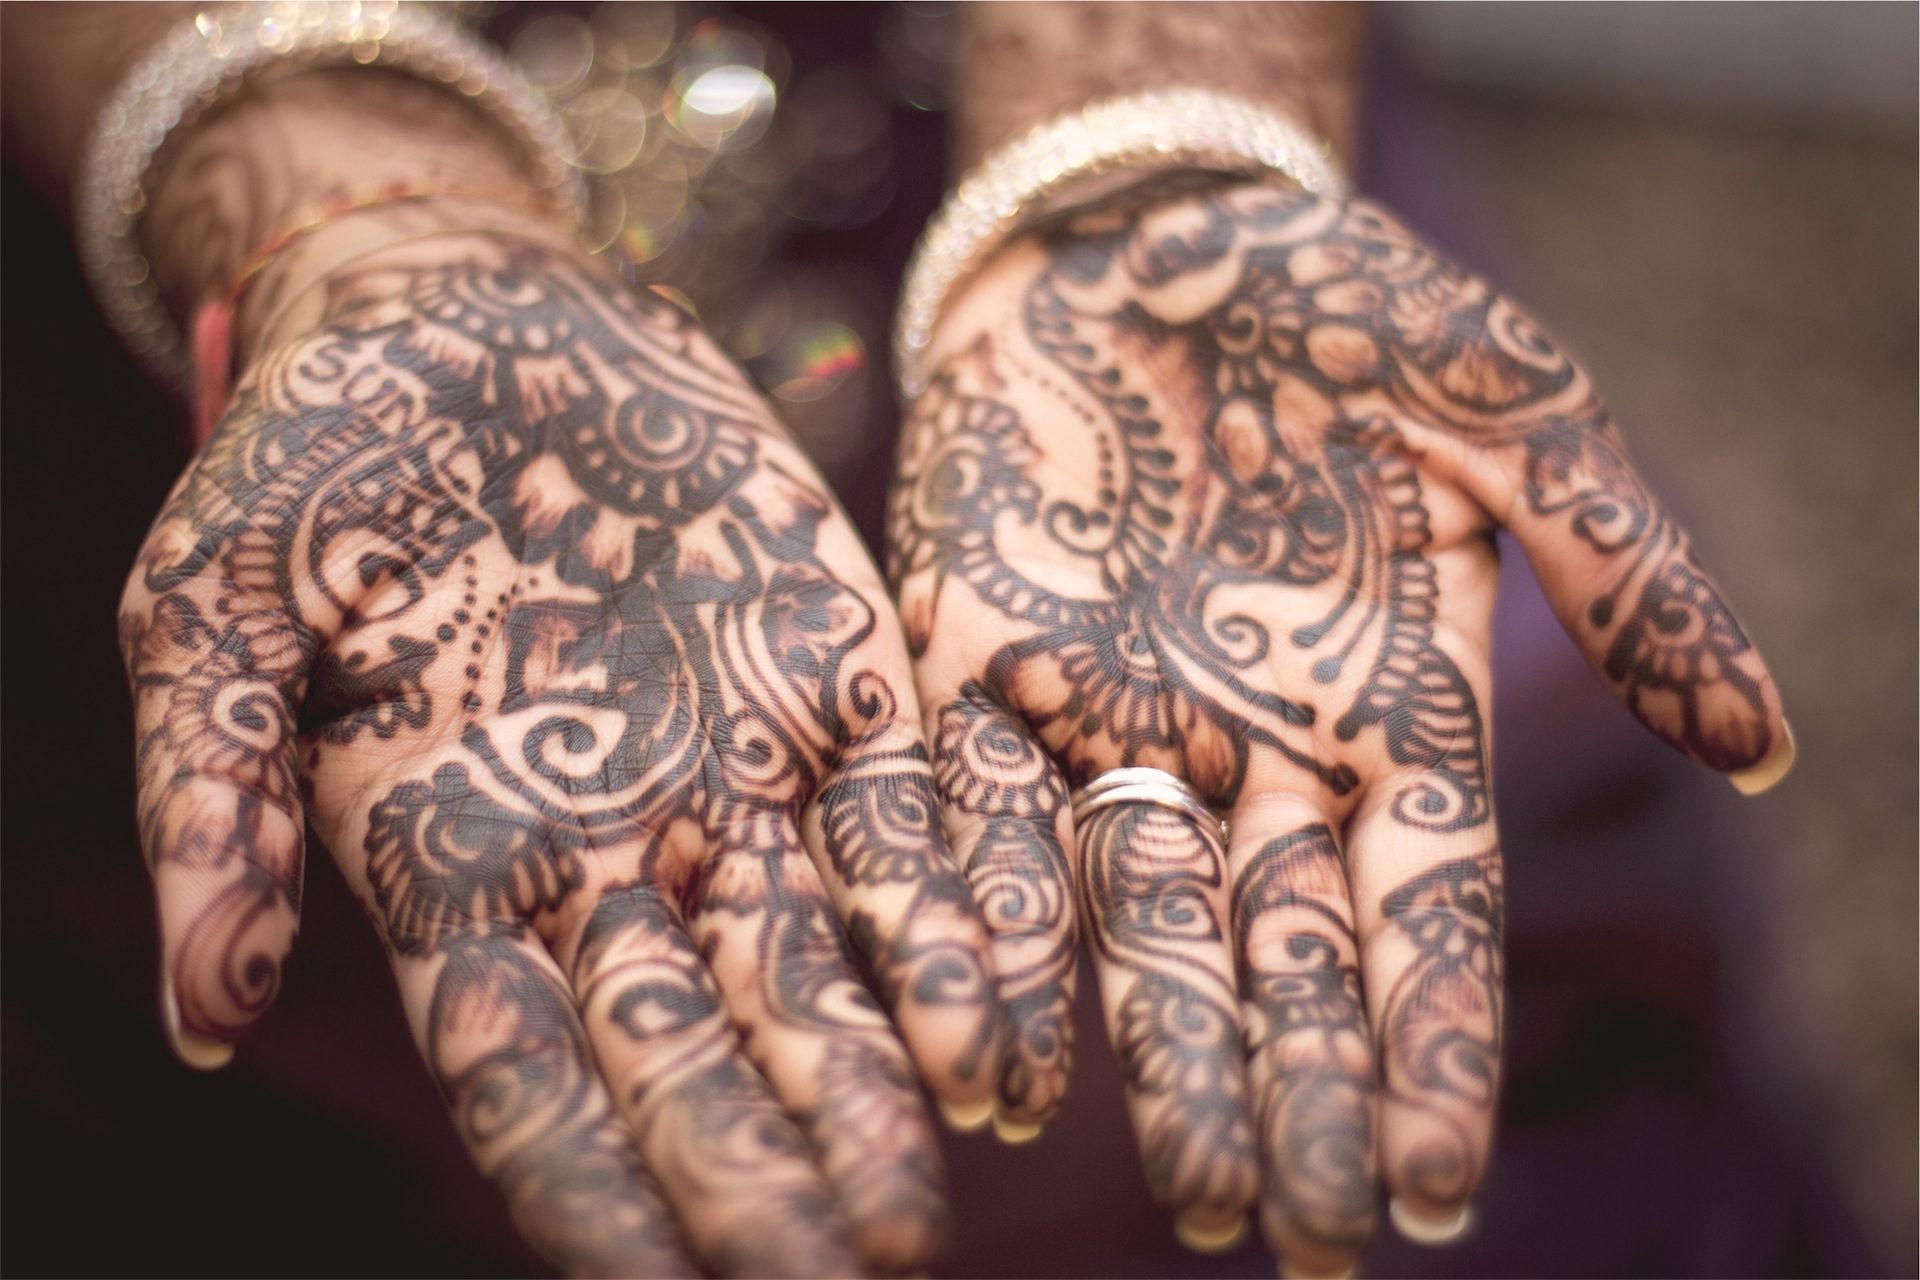 手, 入れ墨, ブレスレット, 爪, 儀式 - HD の壁紙 - 教授-falken.com